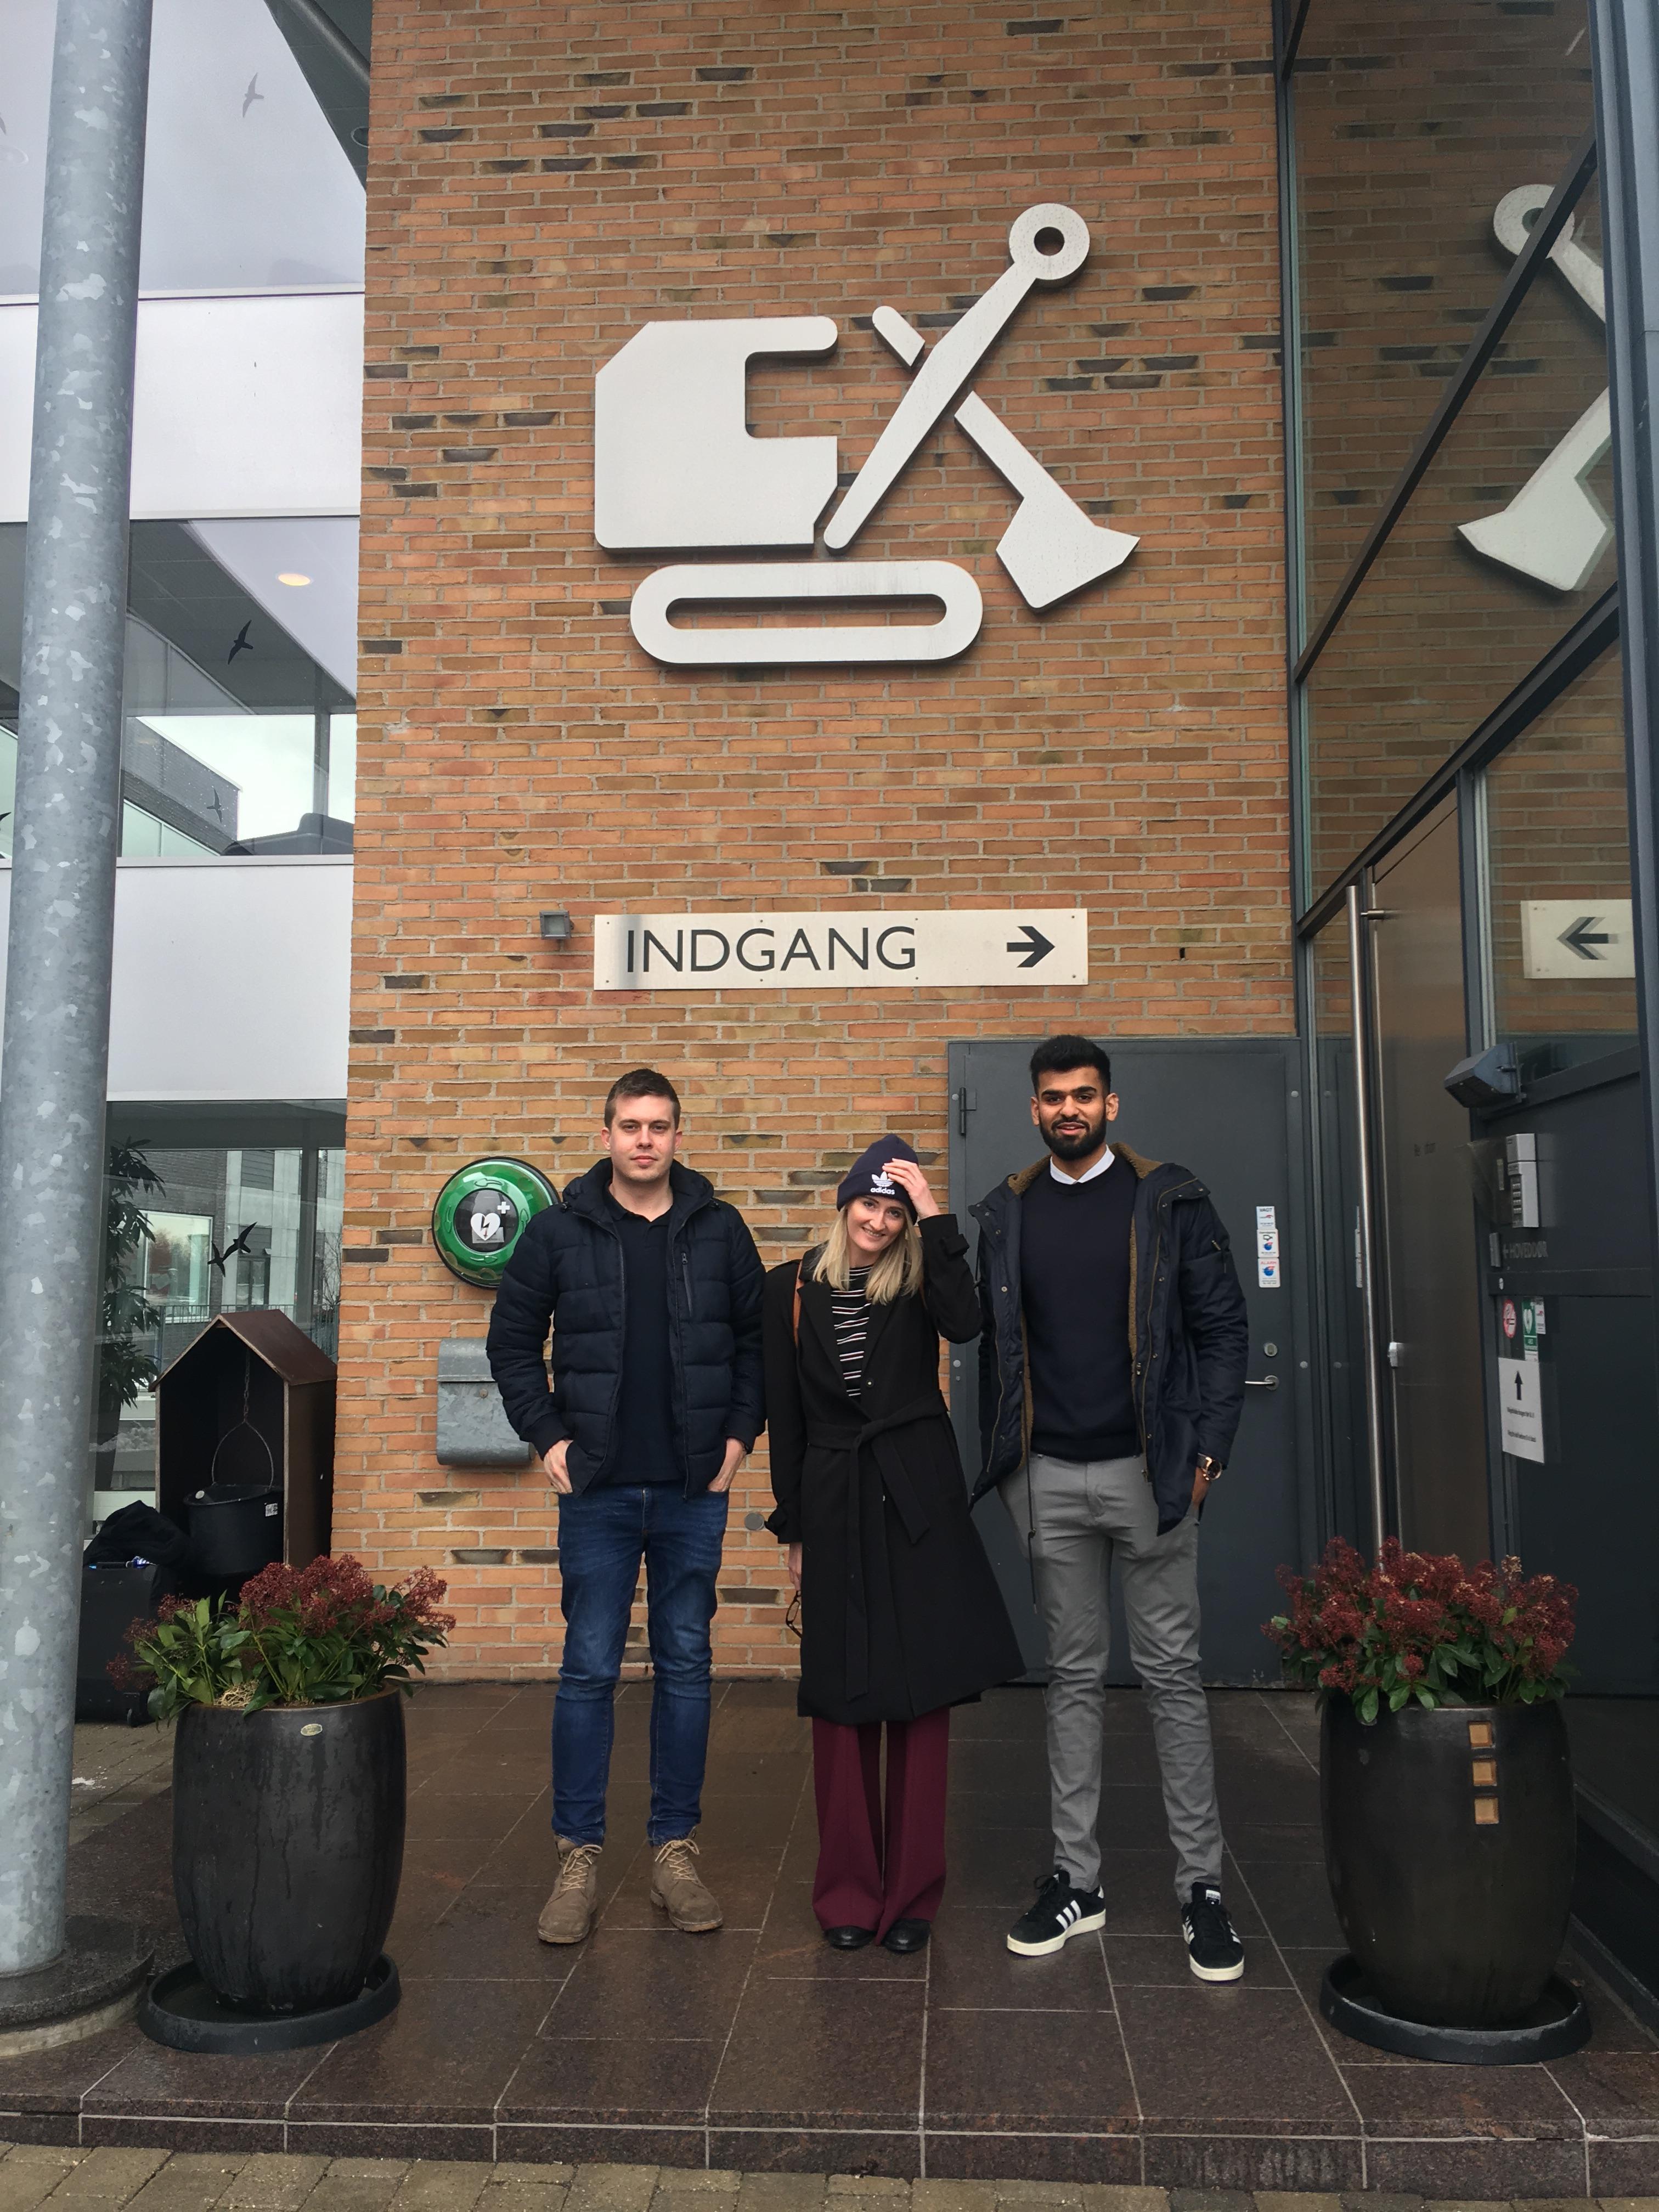 Me outside Aarsleffs Copenhagen office